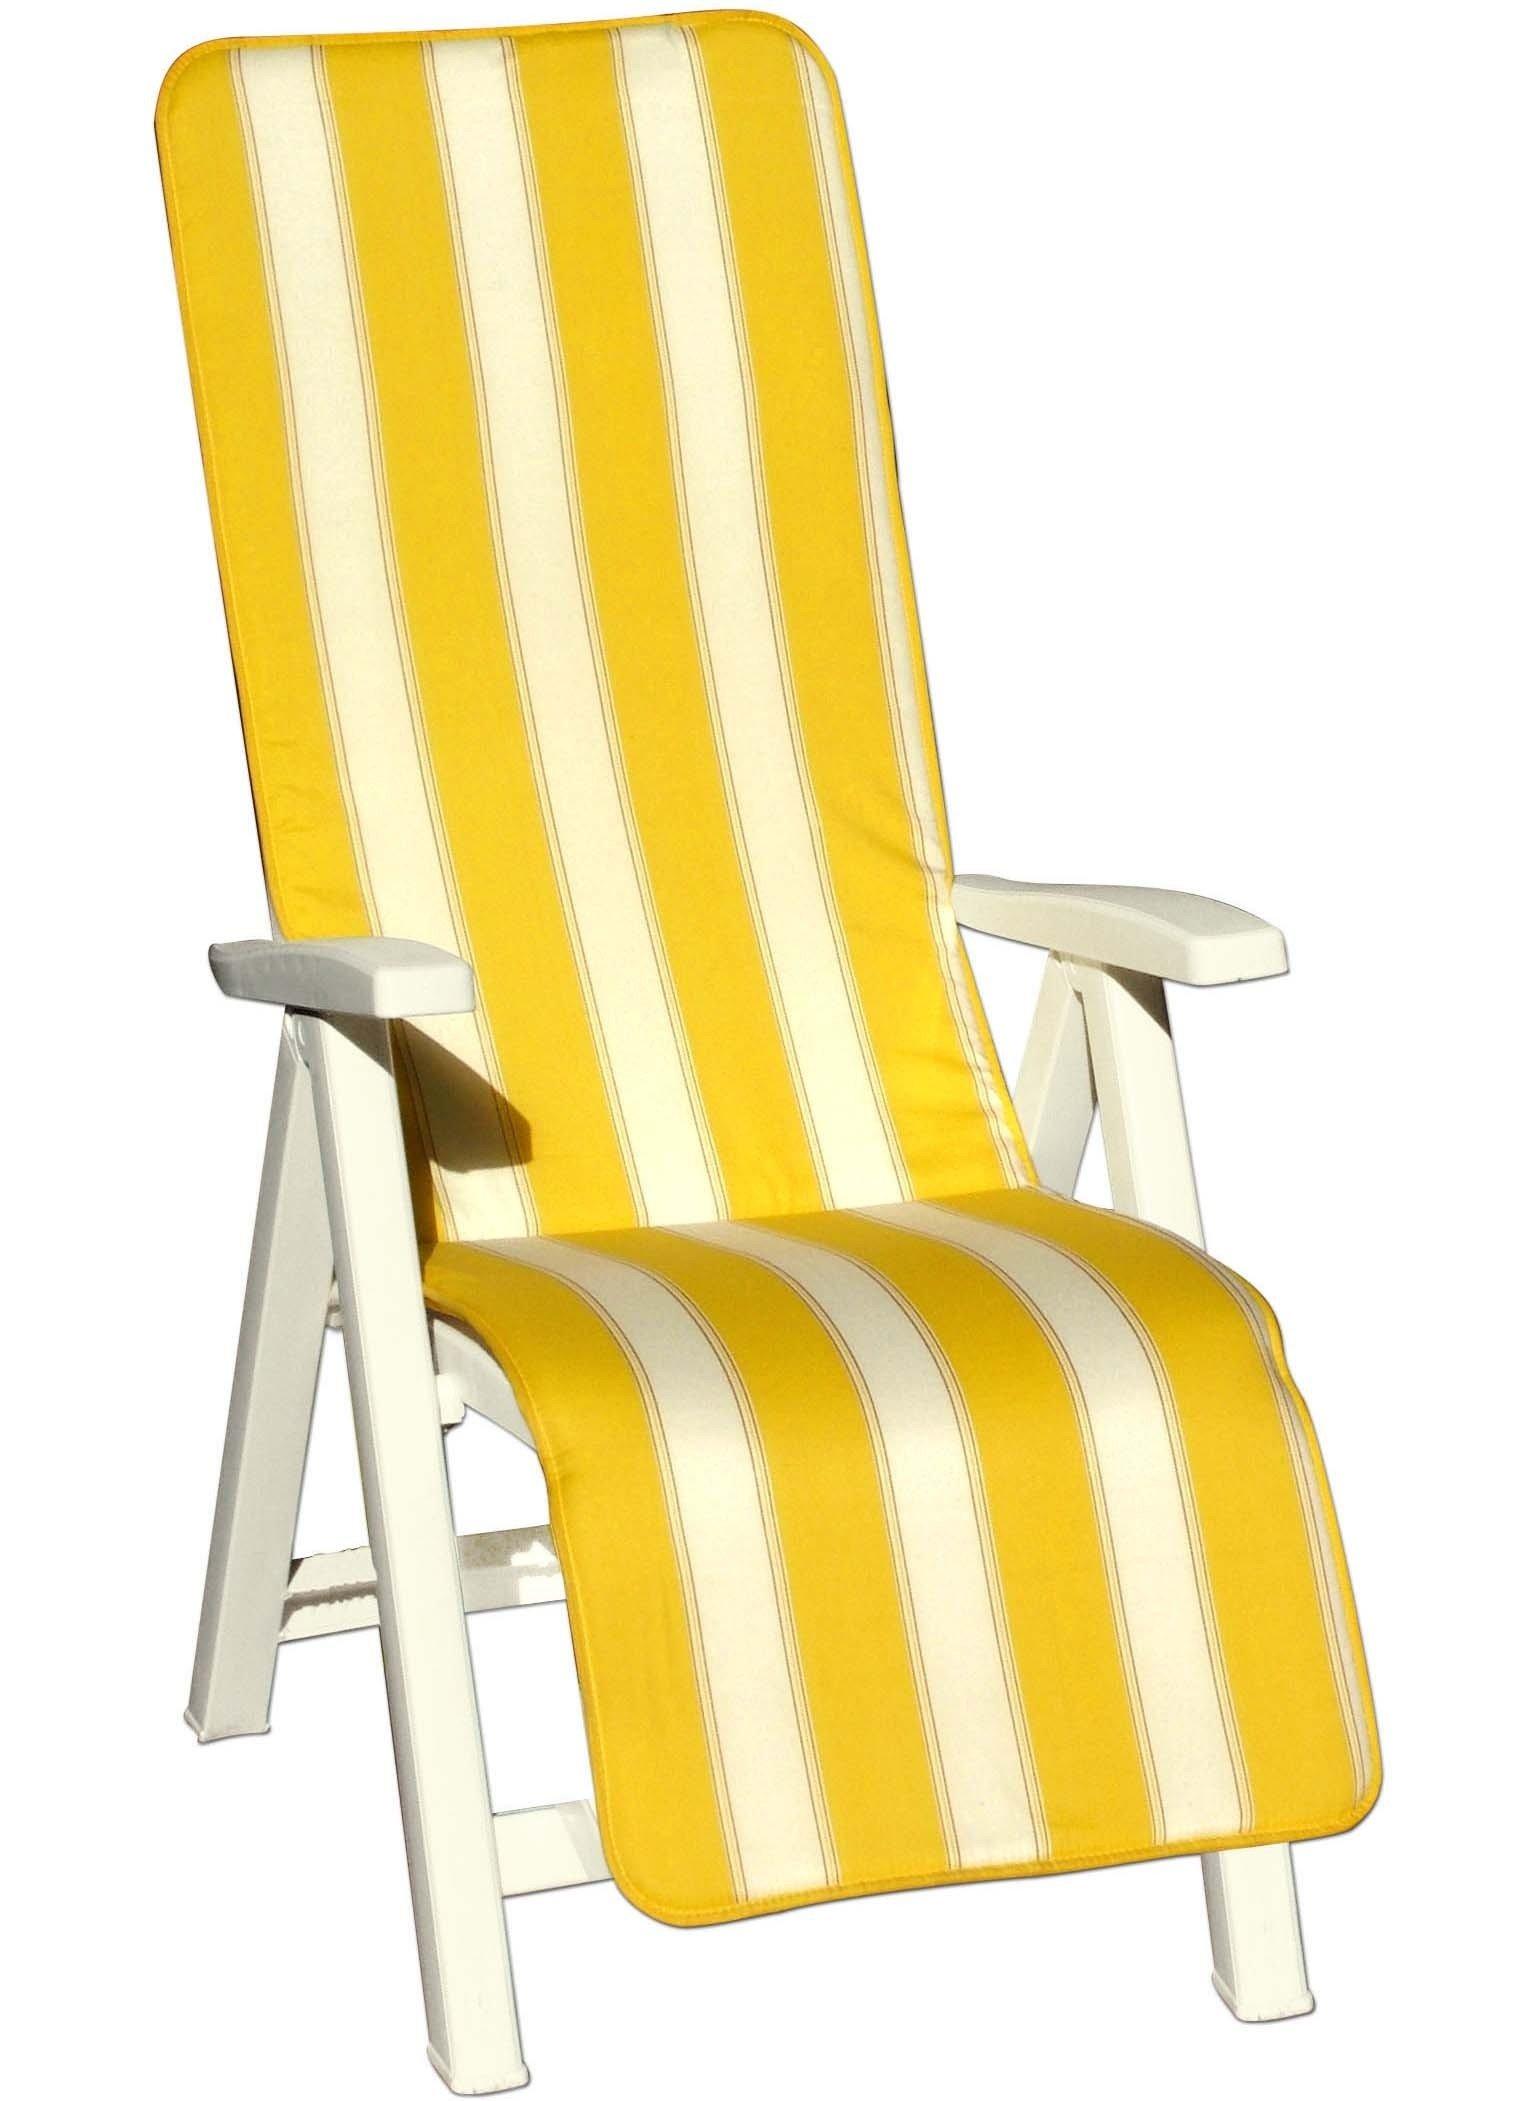 Polster für Liegestuhl gelb